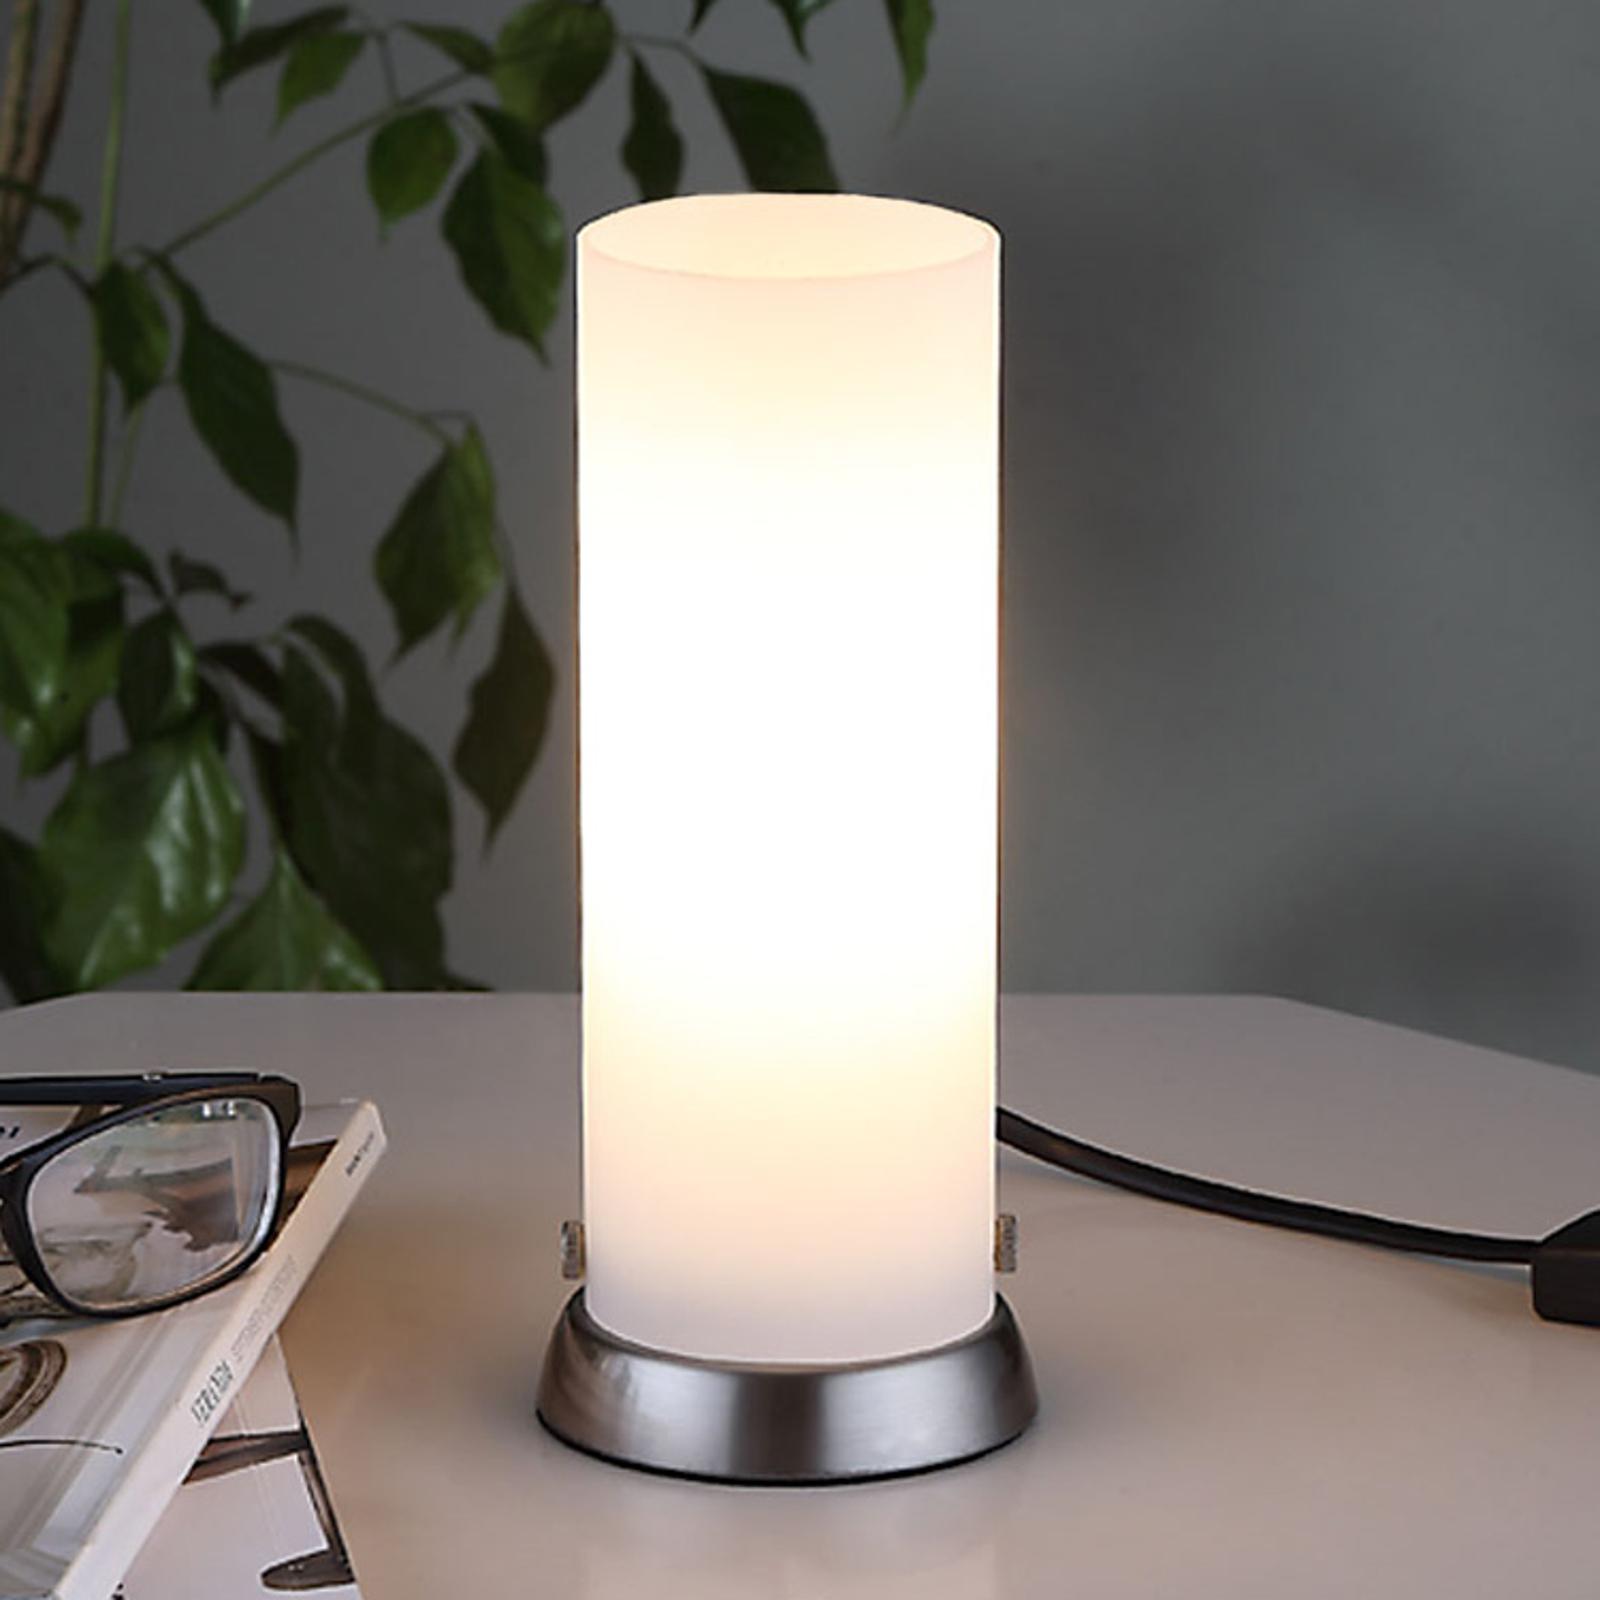 Cylindryczna lampa stołowa LED ANDREW ze szkła